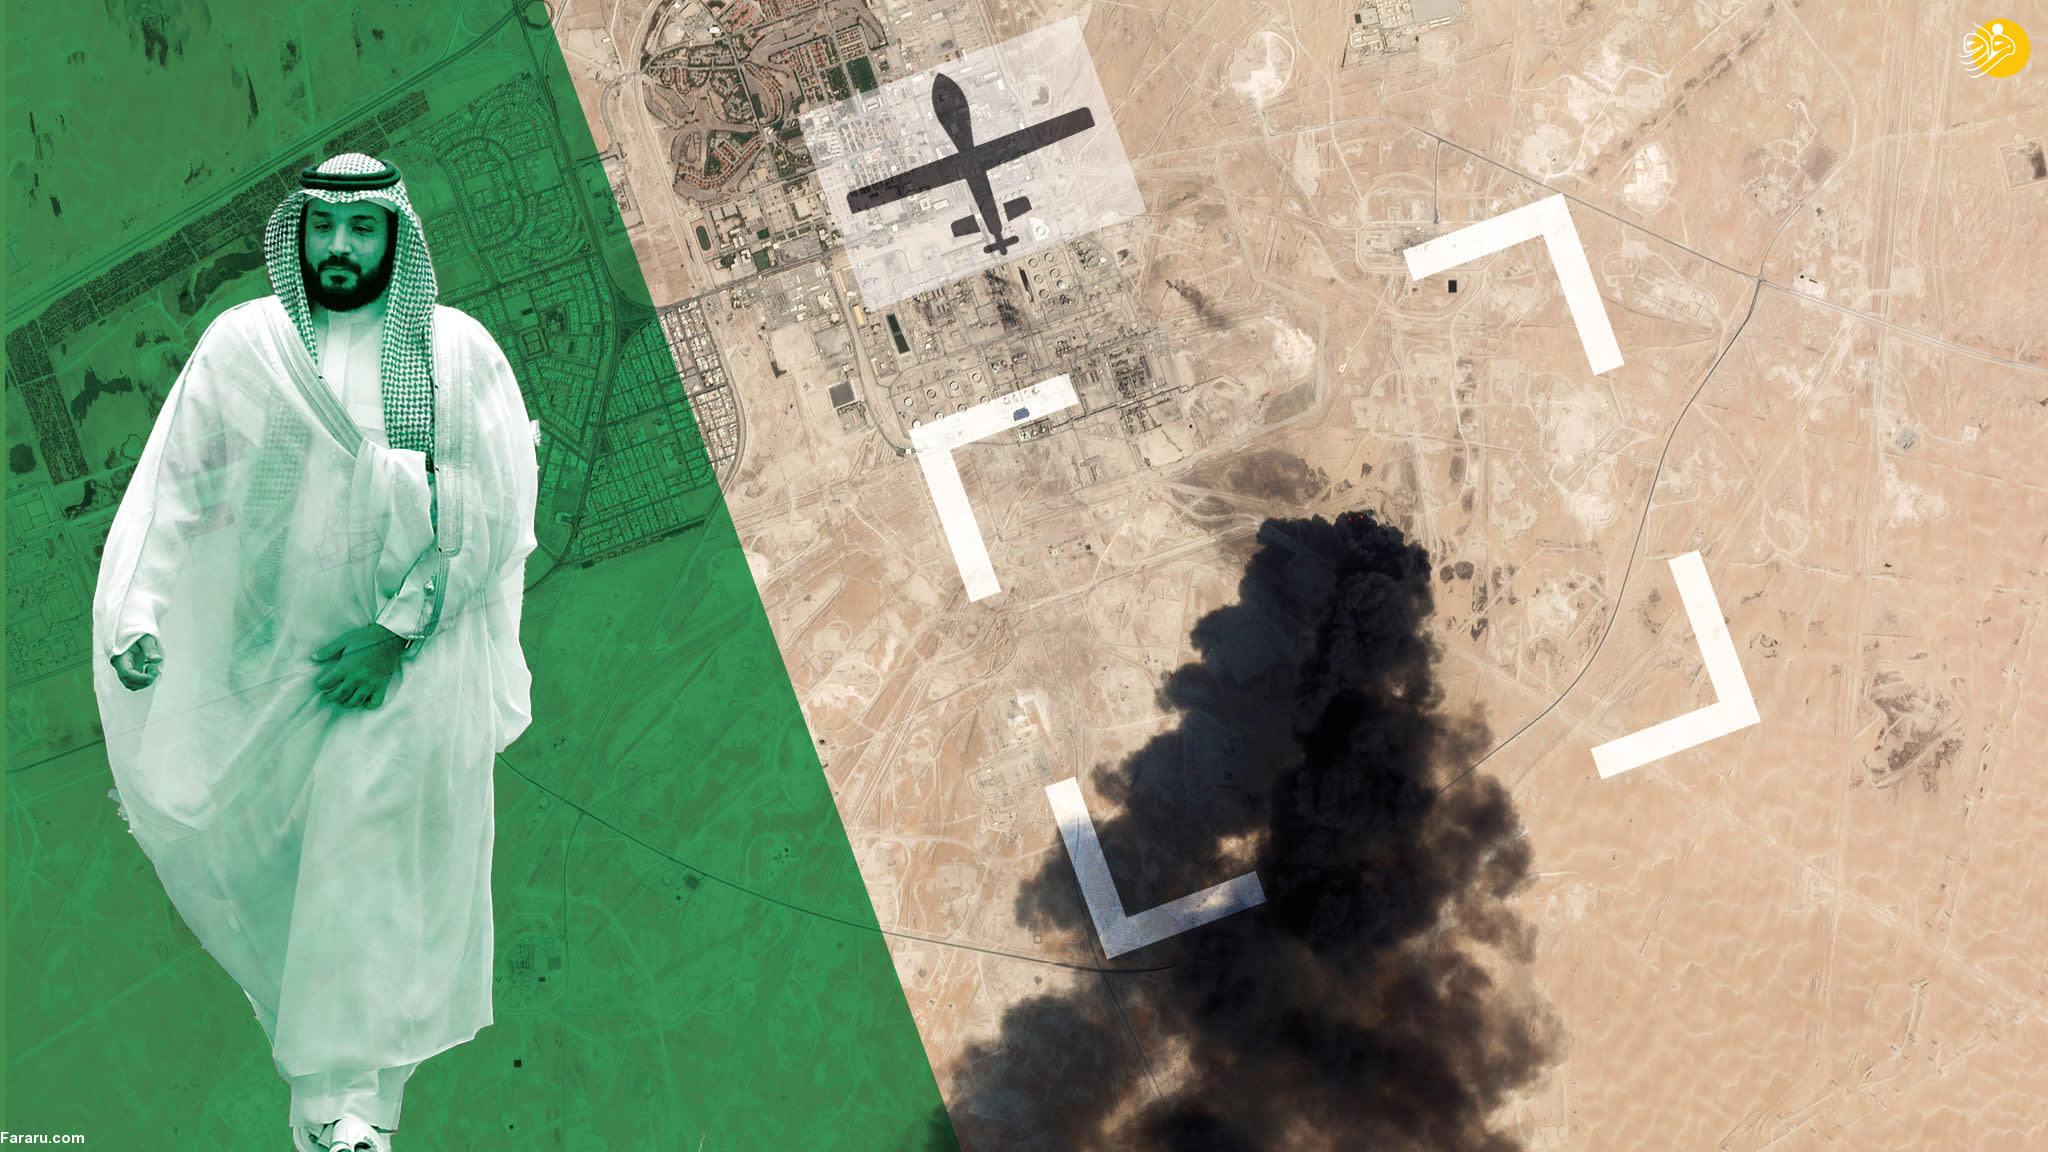 فایننشالتایمز مذاکره مخفیانه عربستان و یمن را فاش کرد